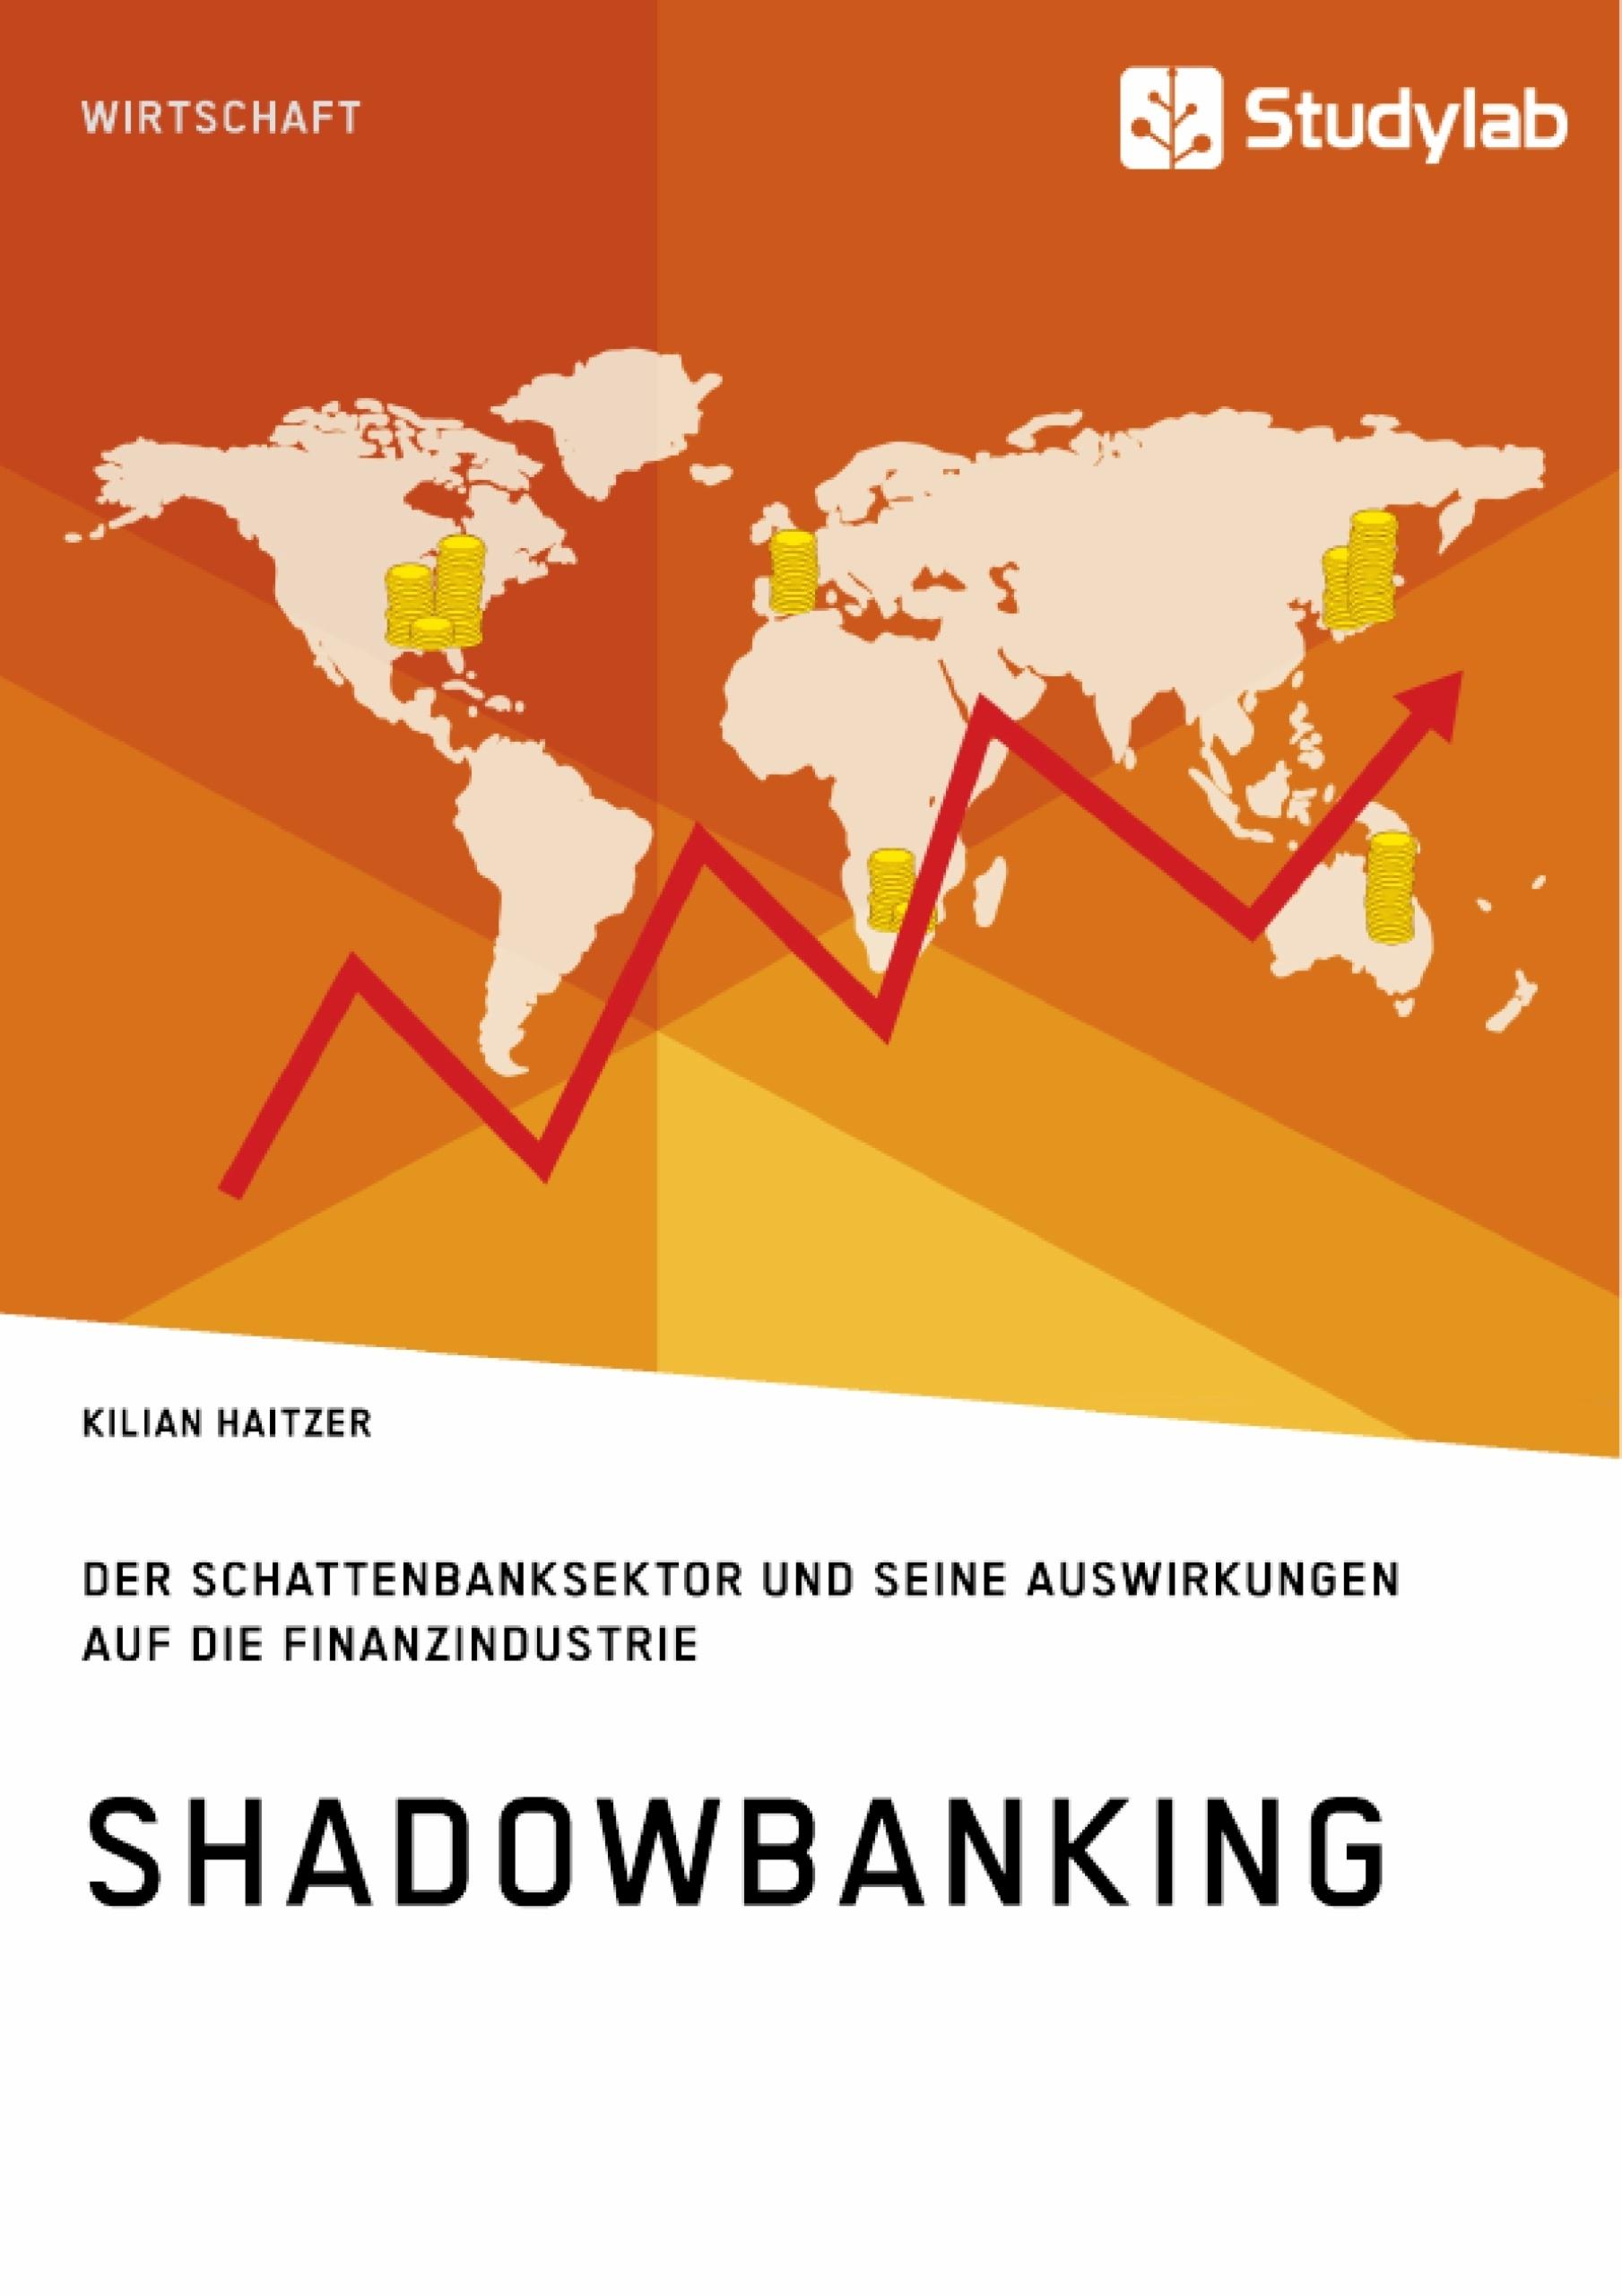 Titel: Shadowbanking. Der Schattenbanksektor und seine Auswirkungen auf die Finanzindustrie